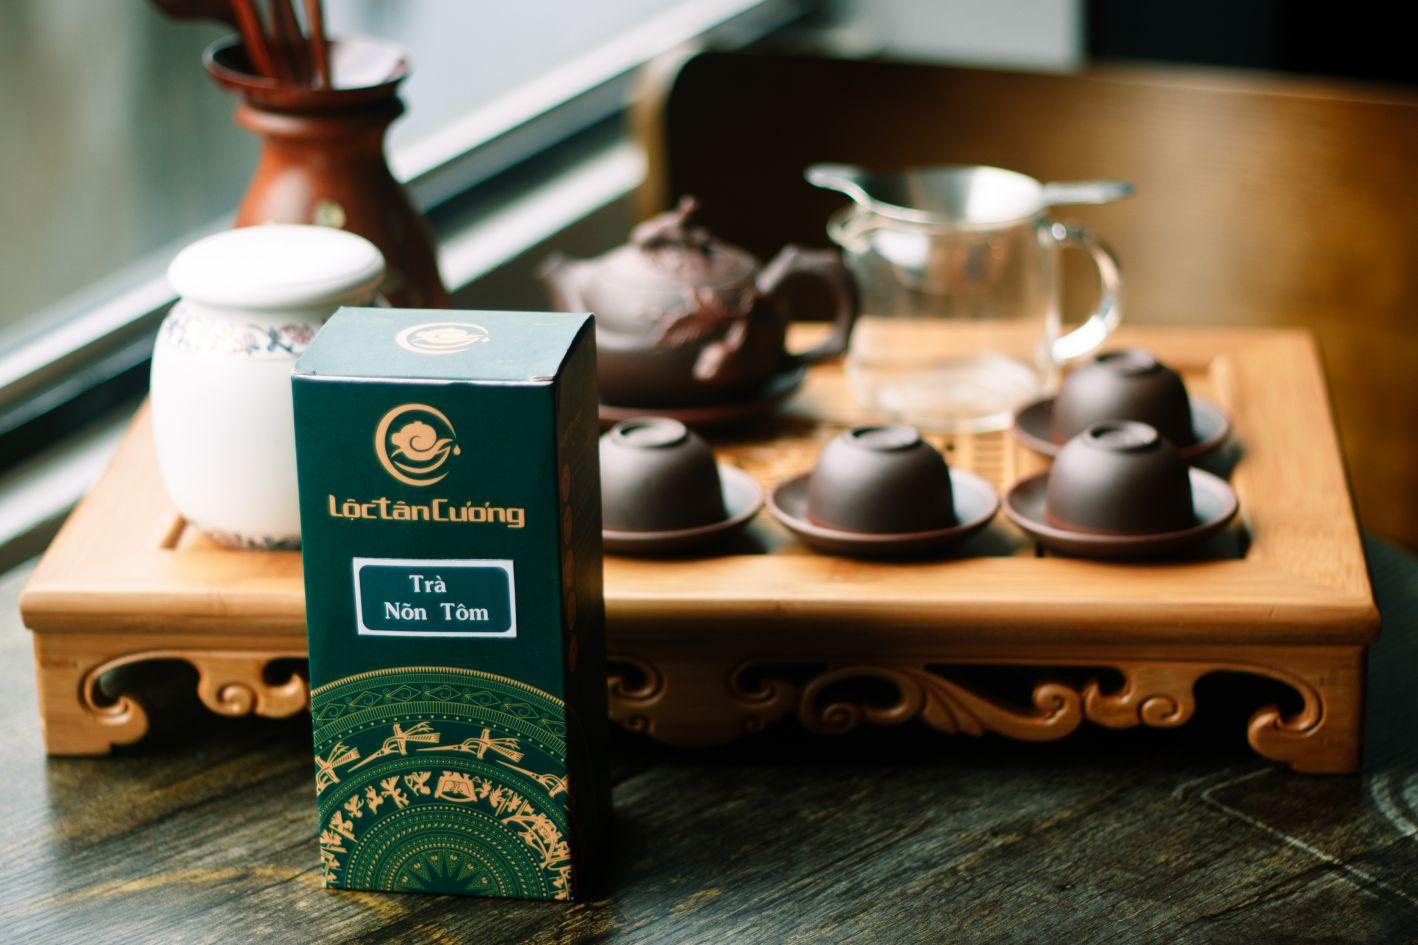 Hướng dẫn pha trà nõn tôm tân cương thái nguyên ngon chuẩn người sành trà